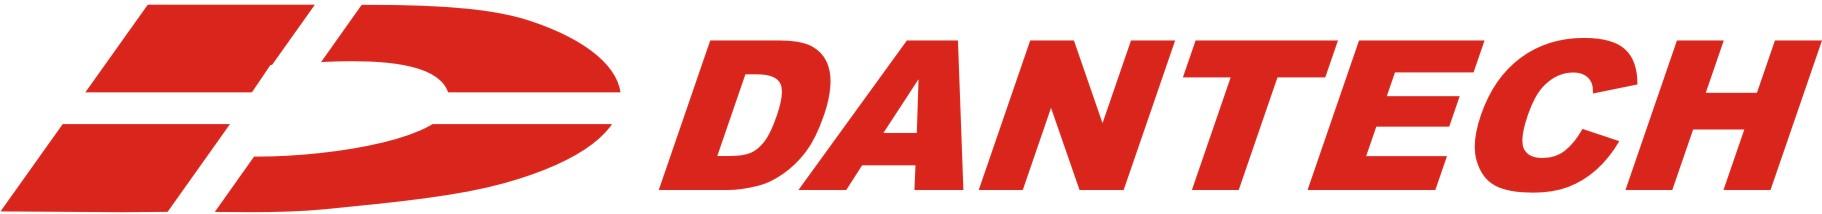 dantech-group.com